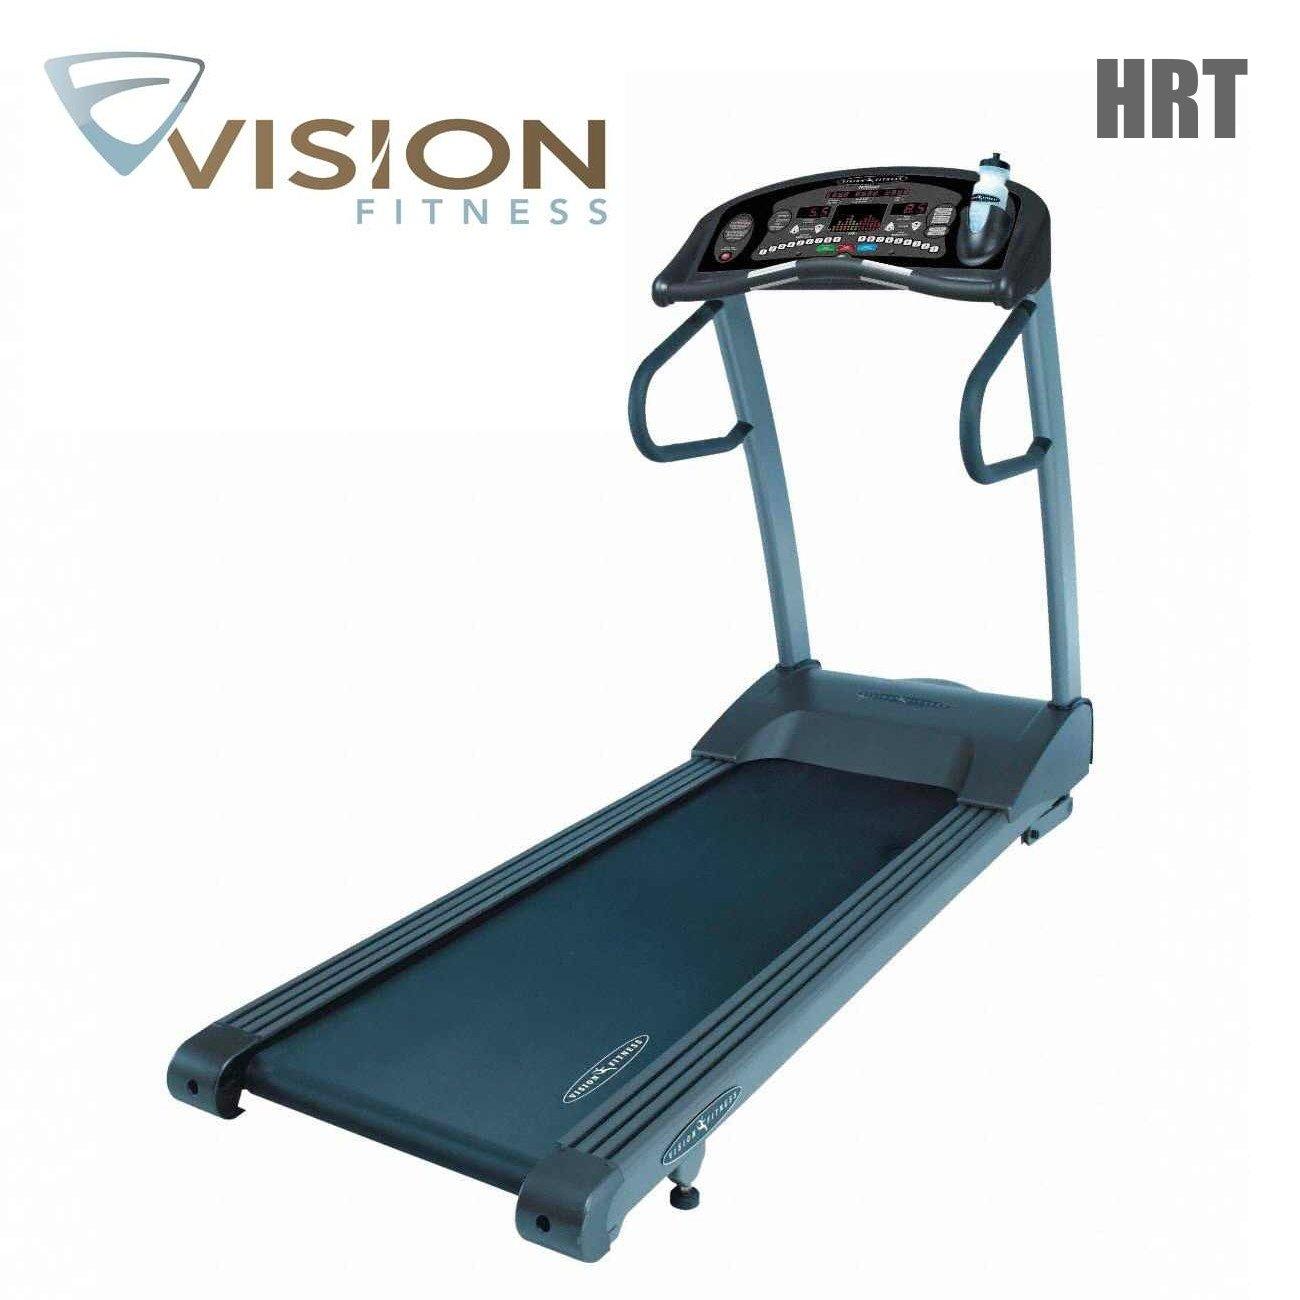 Vision Fitness t9700 HRT cinta de correr con polar correa de pecho ...